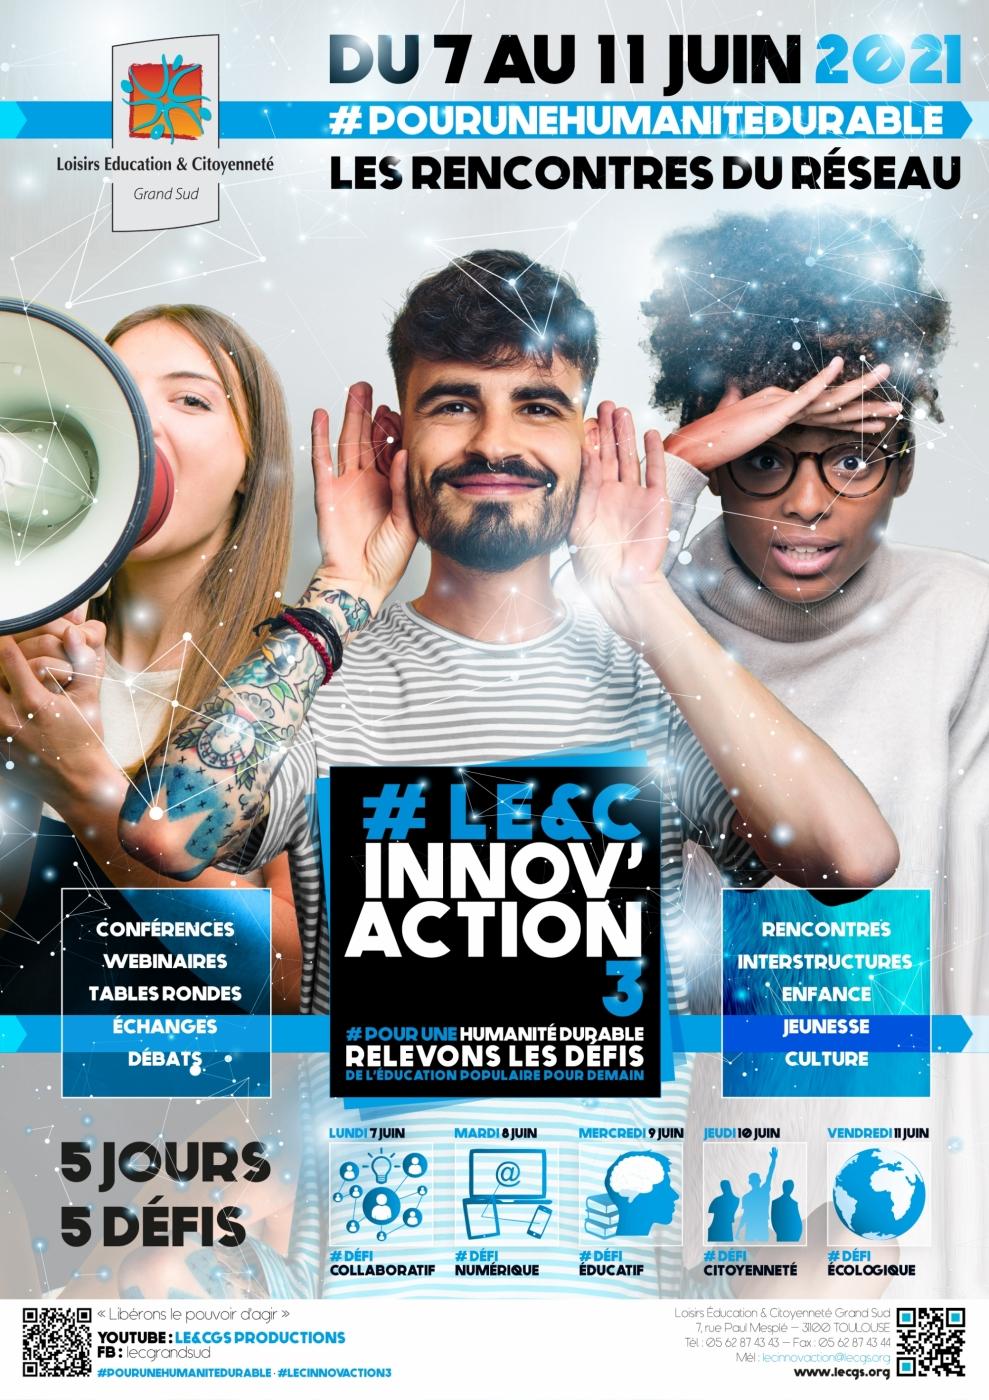 LE&C Innov'Action #3